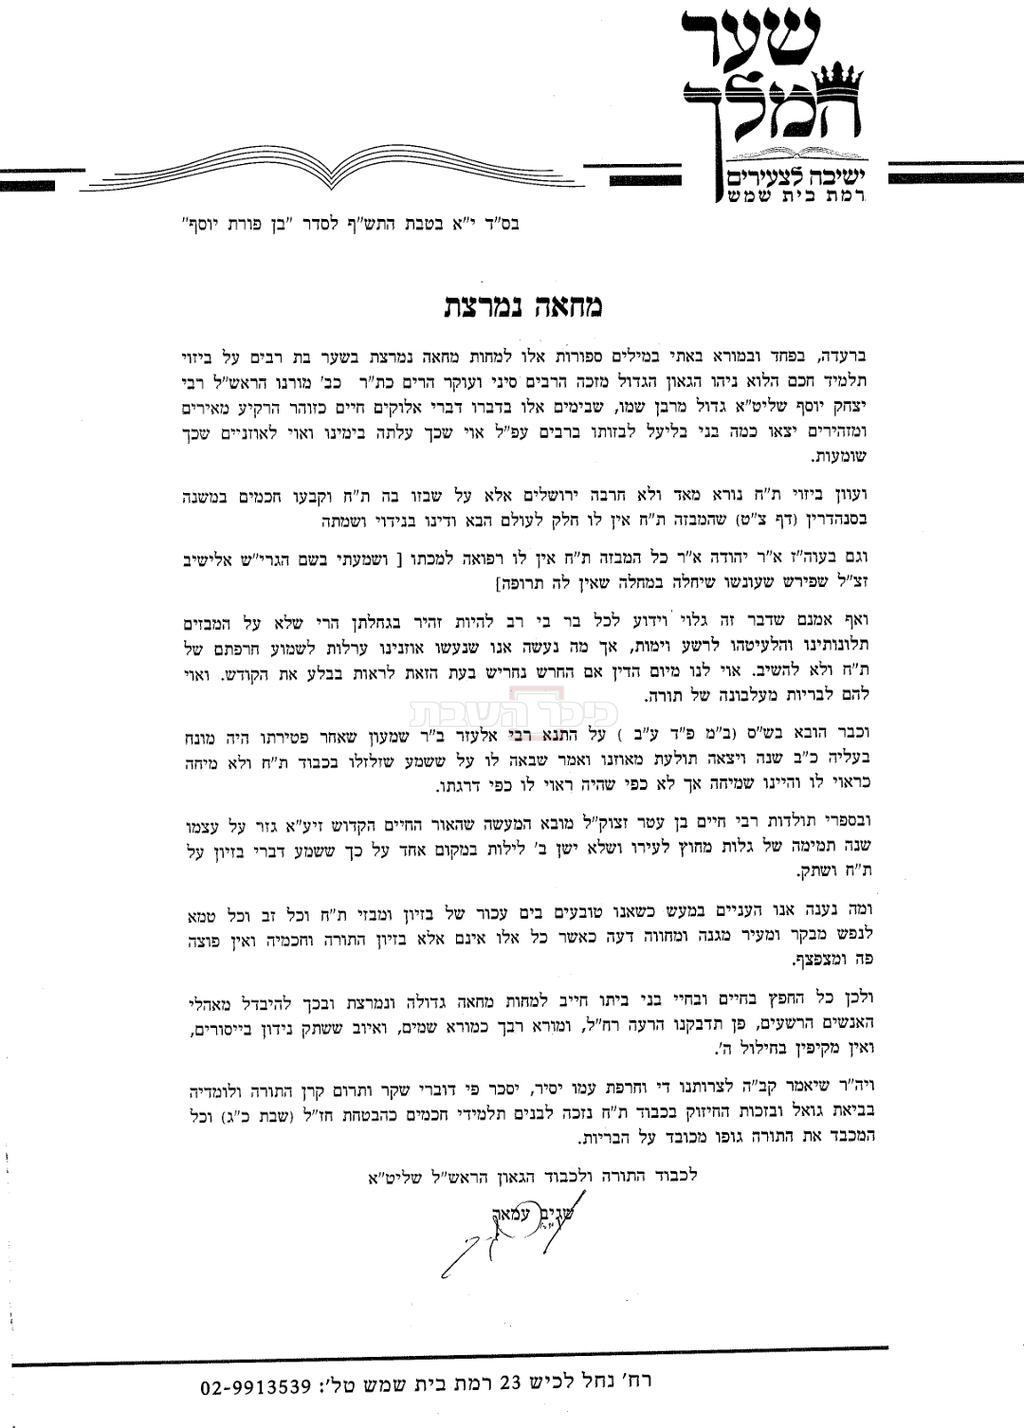 מכתב המחאה